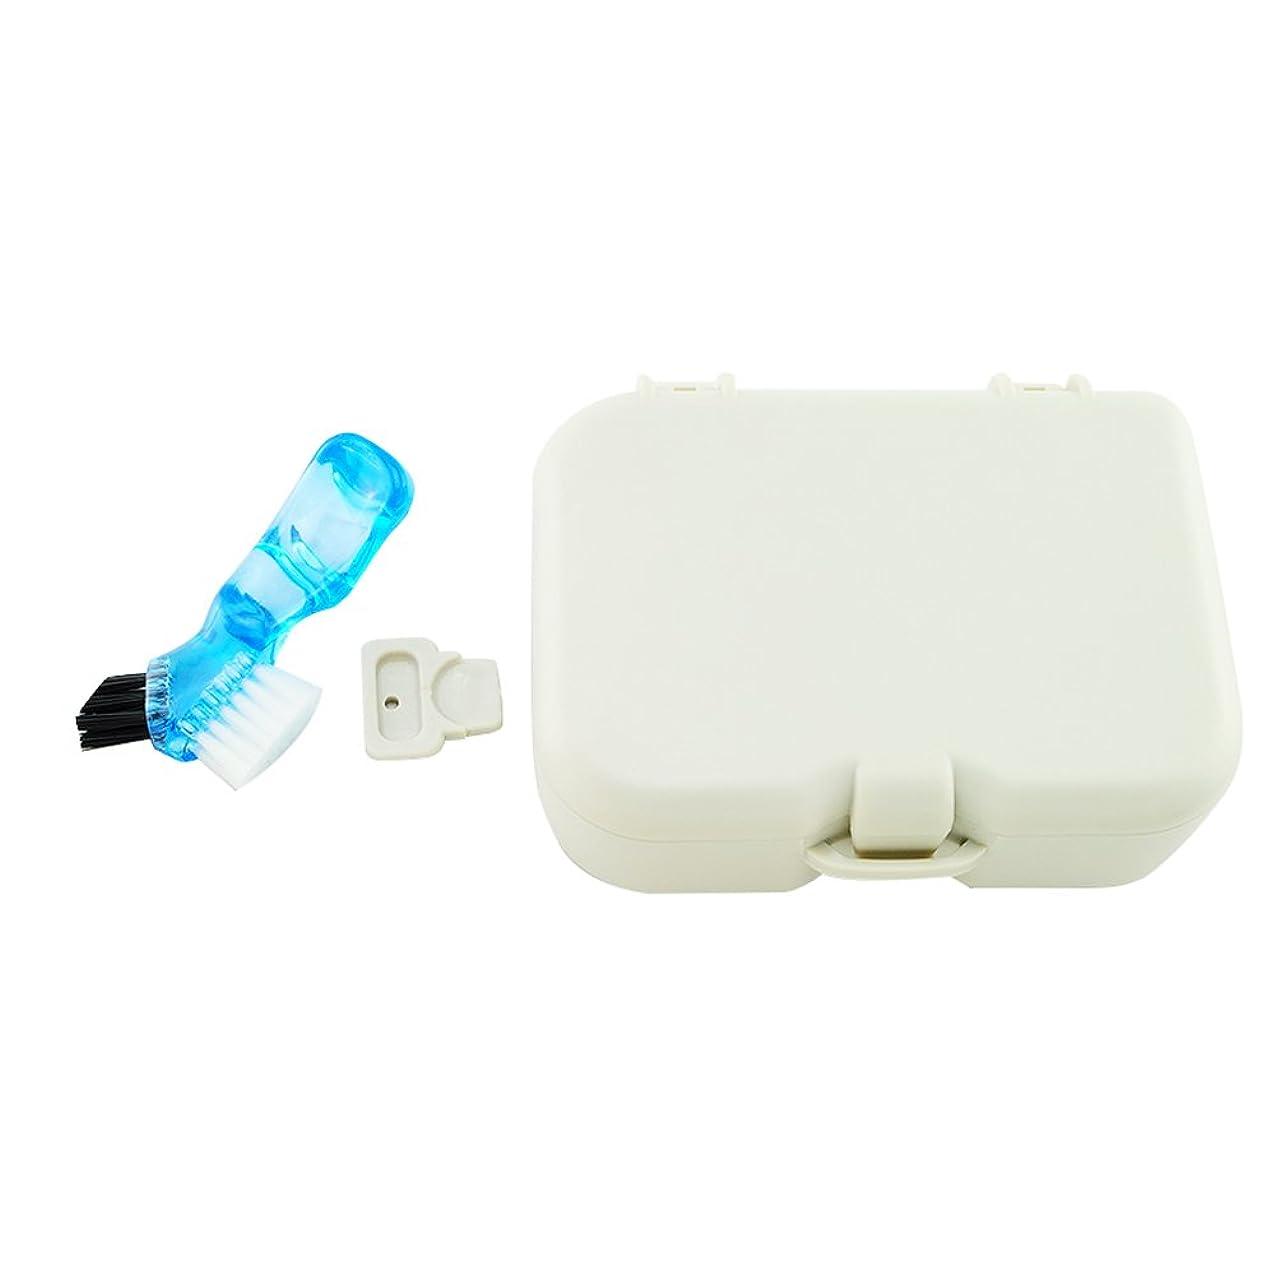 揺れる中ではちみつ義歯 ケース 入れ歯ケース 鏡 洗浄ブラシ付属 大容量 ホワイト